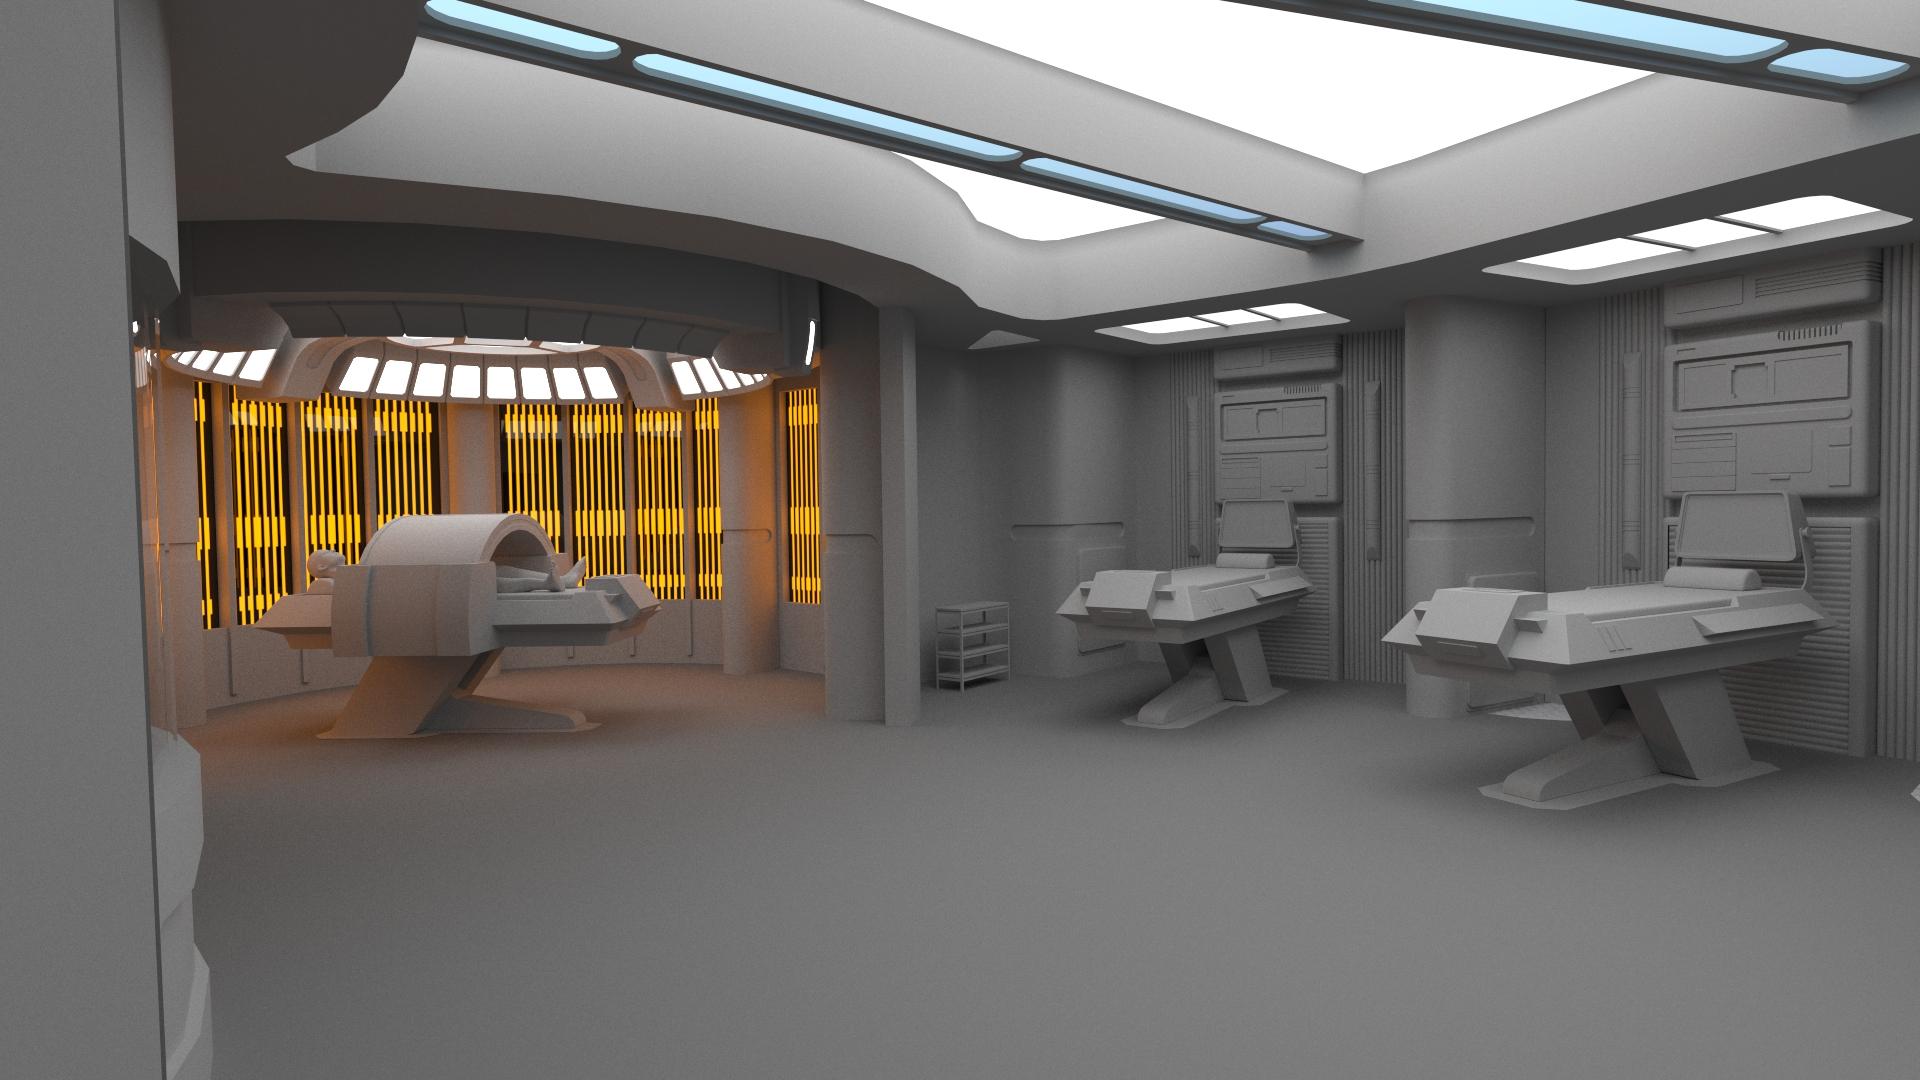 http://media.indiedb.com/images/games/1/29/28586/sickbay_ceiling_wip14.jpg